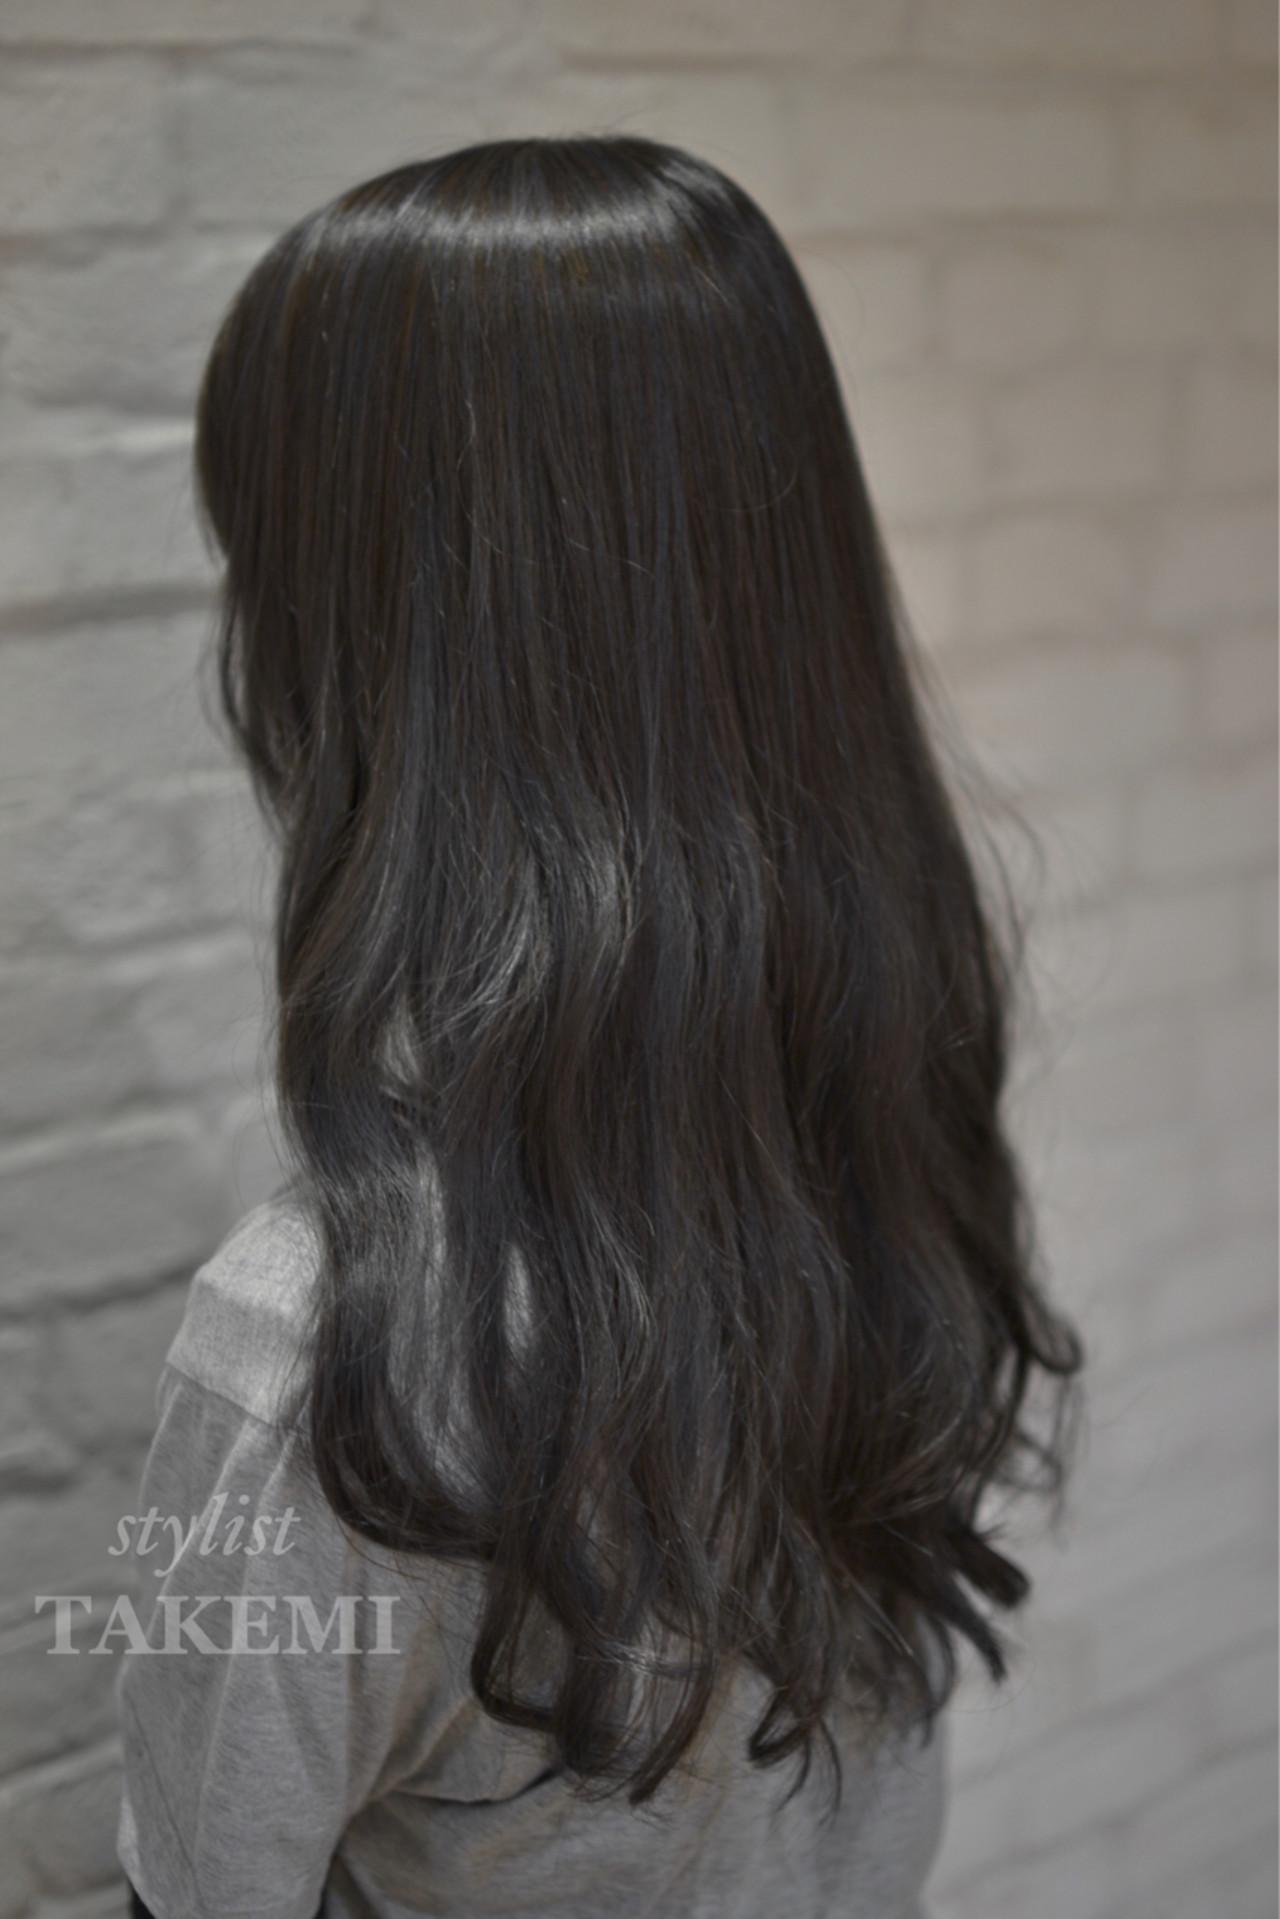 ハイライト ナチュラル アッシュ 外国人風 ヘアスタイルや髪型の写真・画像 | TAKEMI / BEBE 表参道